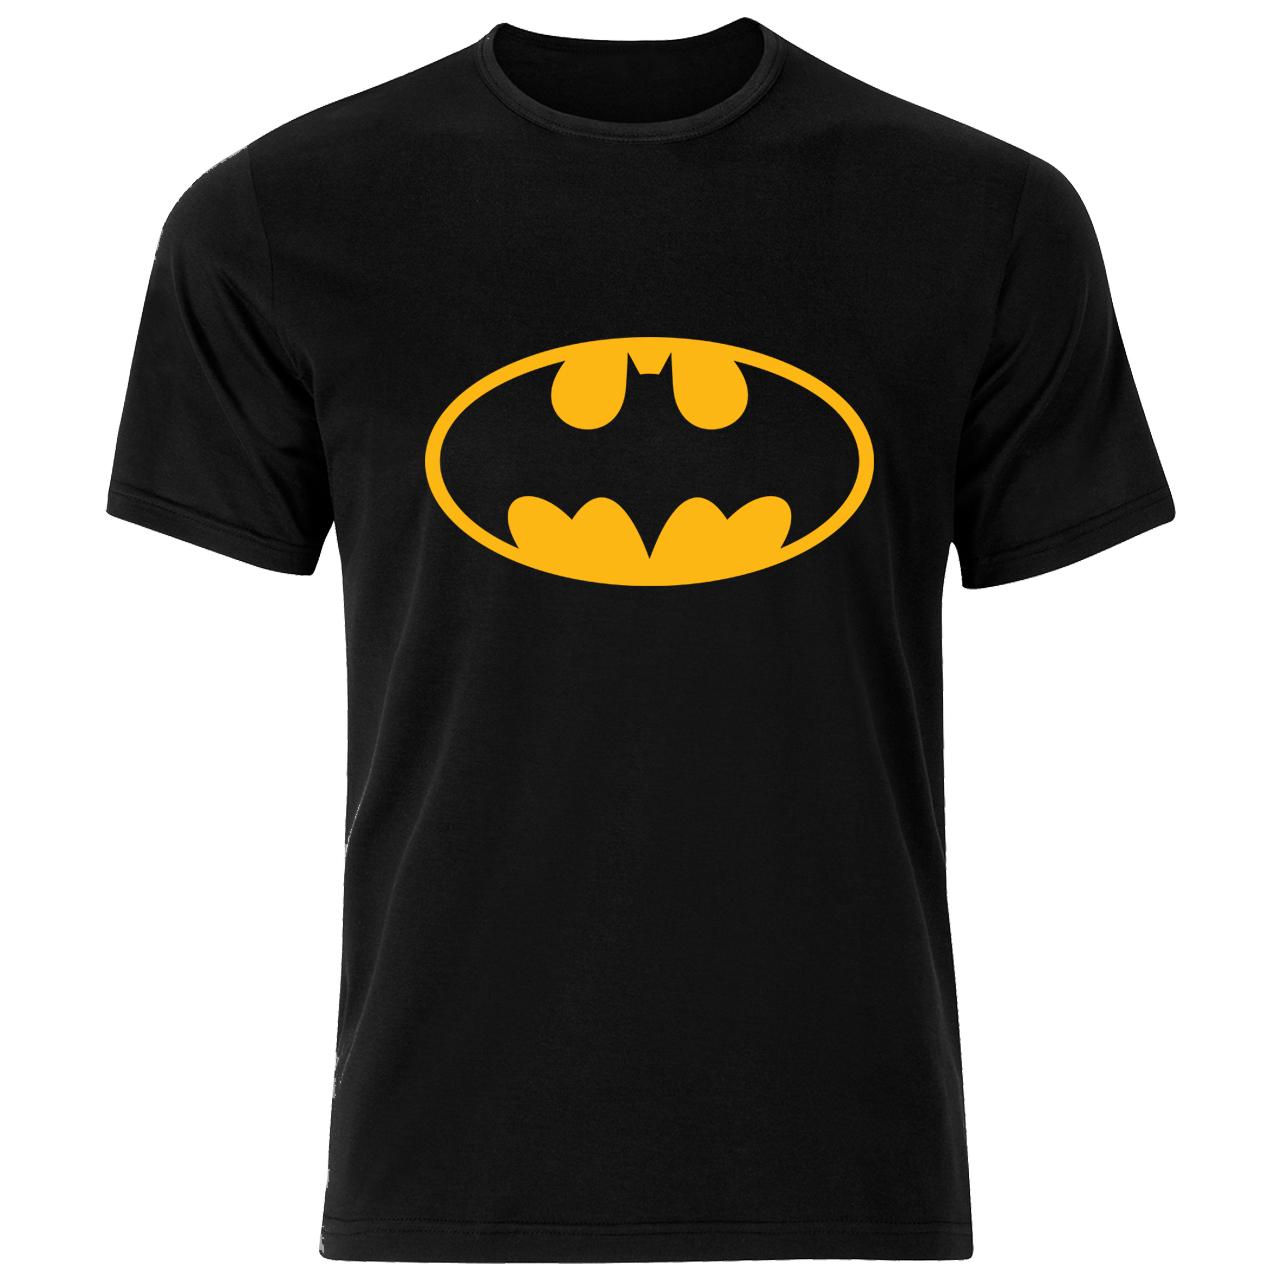 تی شرت مردانه نخی فلوریزا طرح بتمن کد batman001M تیشرت